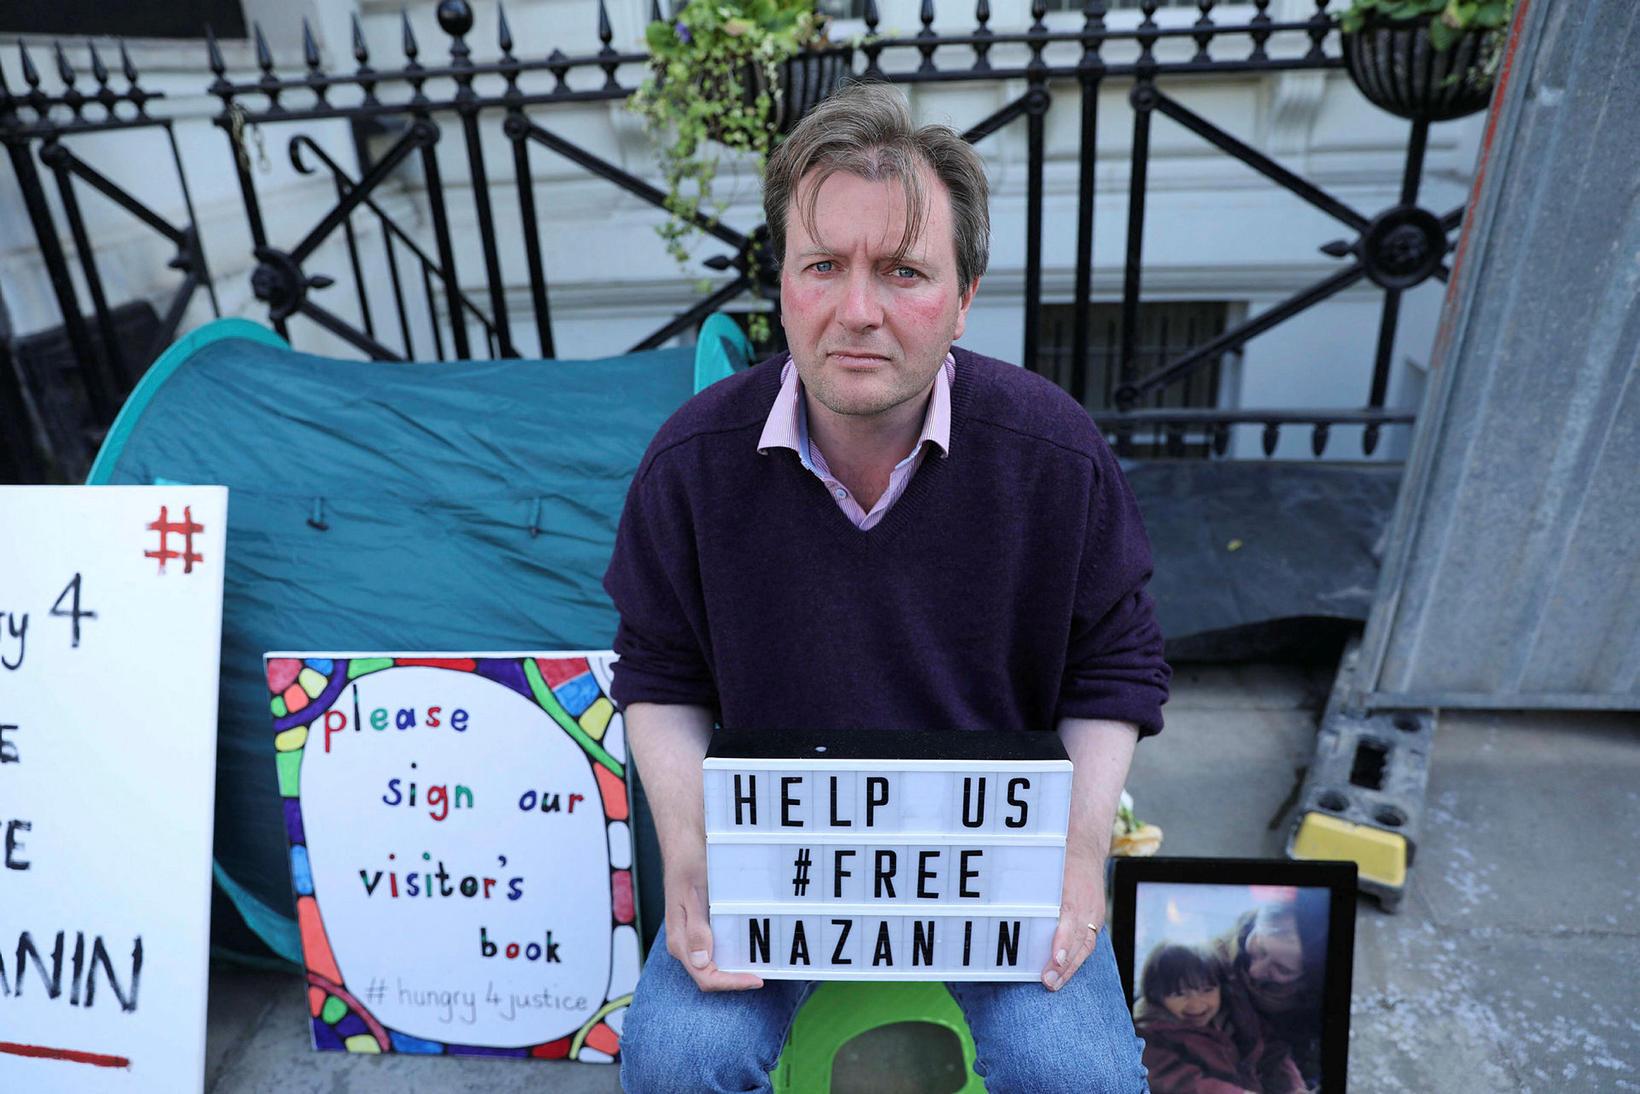 Richard Ratcliffe, eiginmaður Nazanin, fór í hungurverkfalli árið 2019 fyrir …